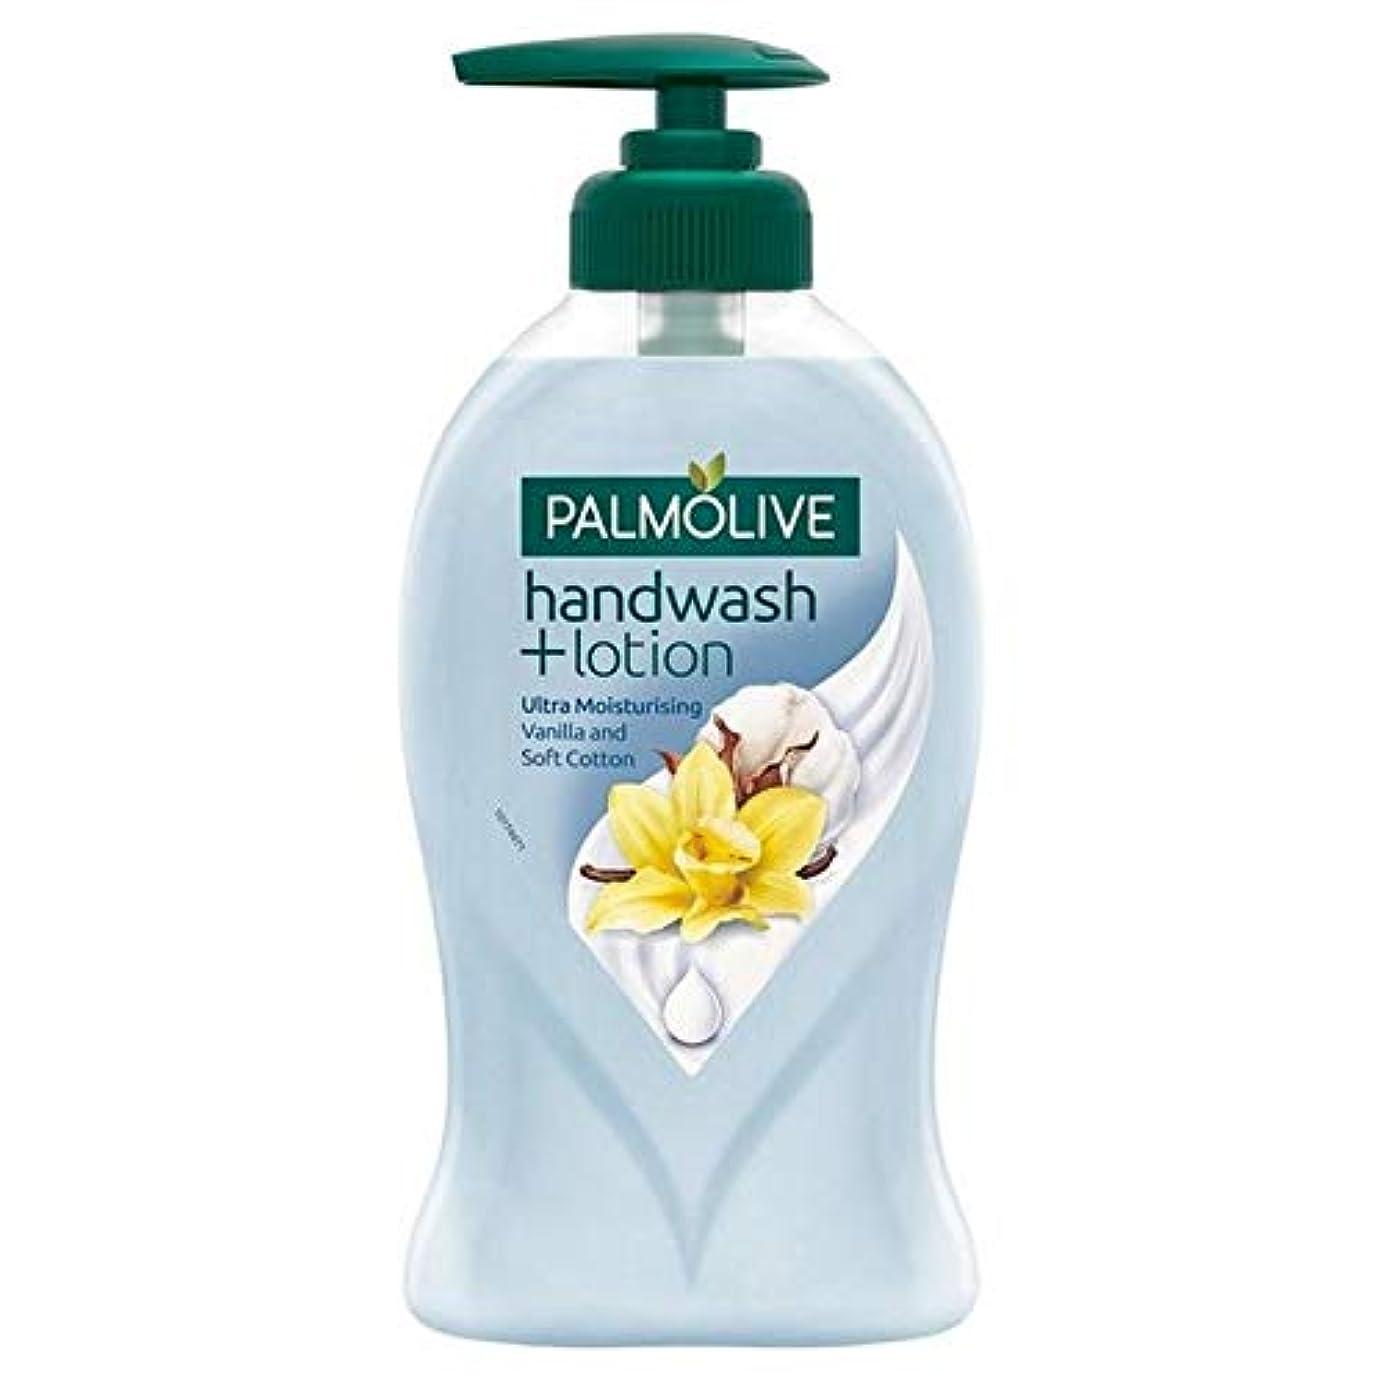 話す収束はげ[Palmolive ] Palmolive社手洗い+ローションバニラ&ソフトなコットン250ミリリットル - Palmolive Handwash + Lotion Vanilla & Soft Cotton 250ml [並行輸入品]